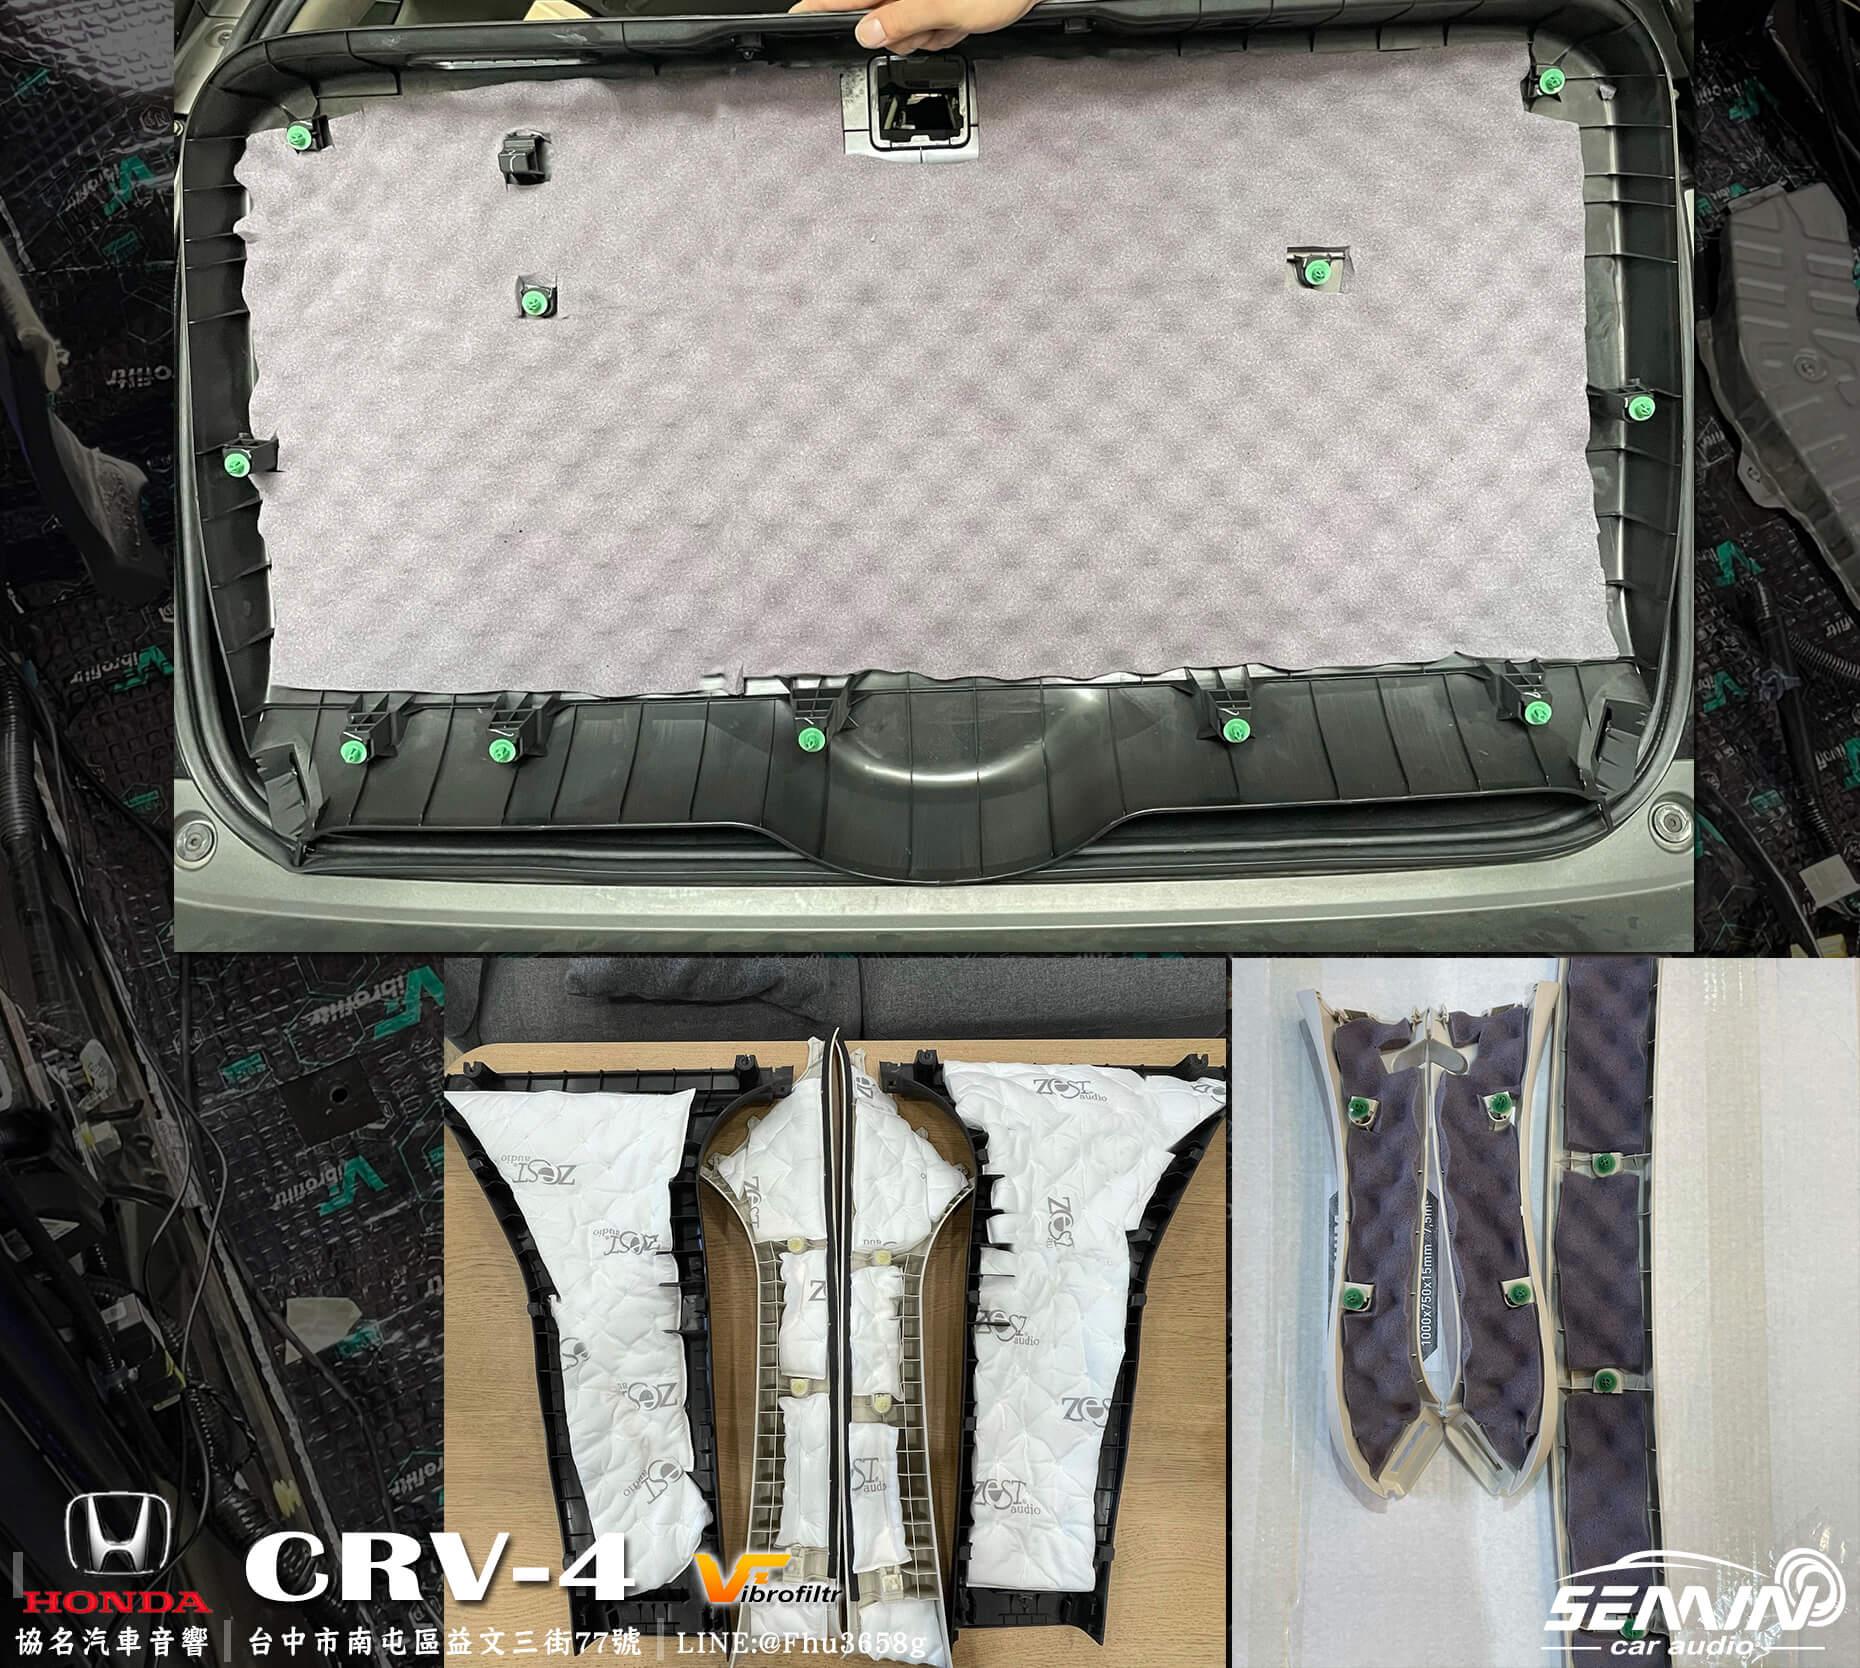 HONDA CR-V CRV 5代 全車隔音工程